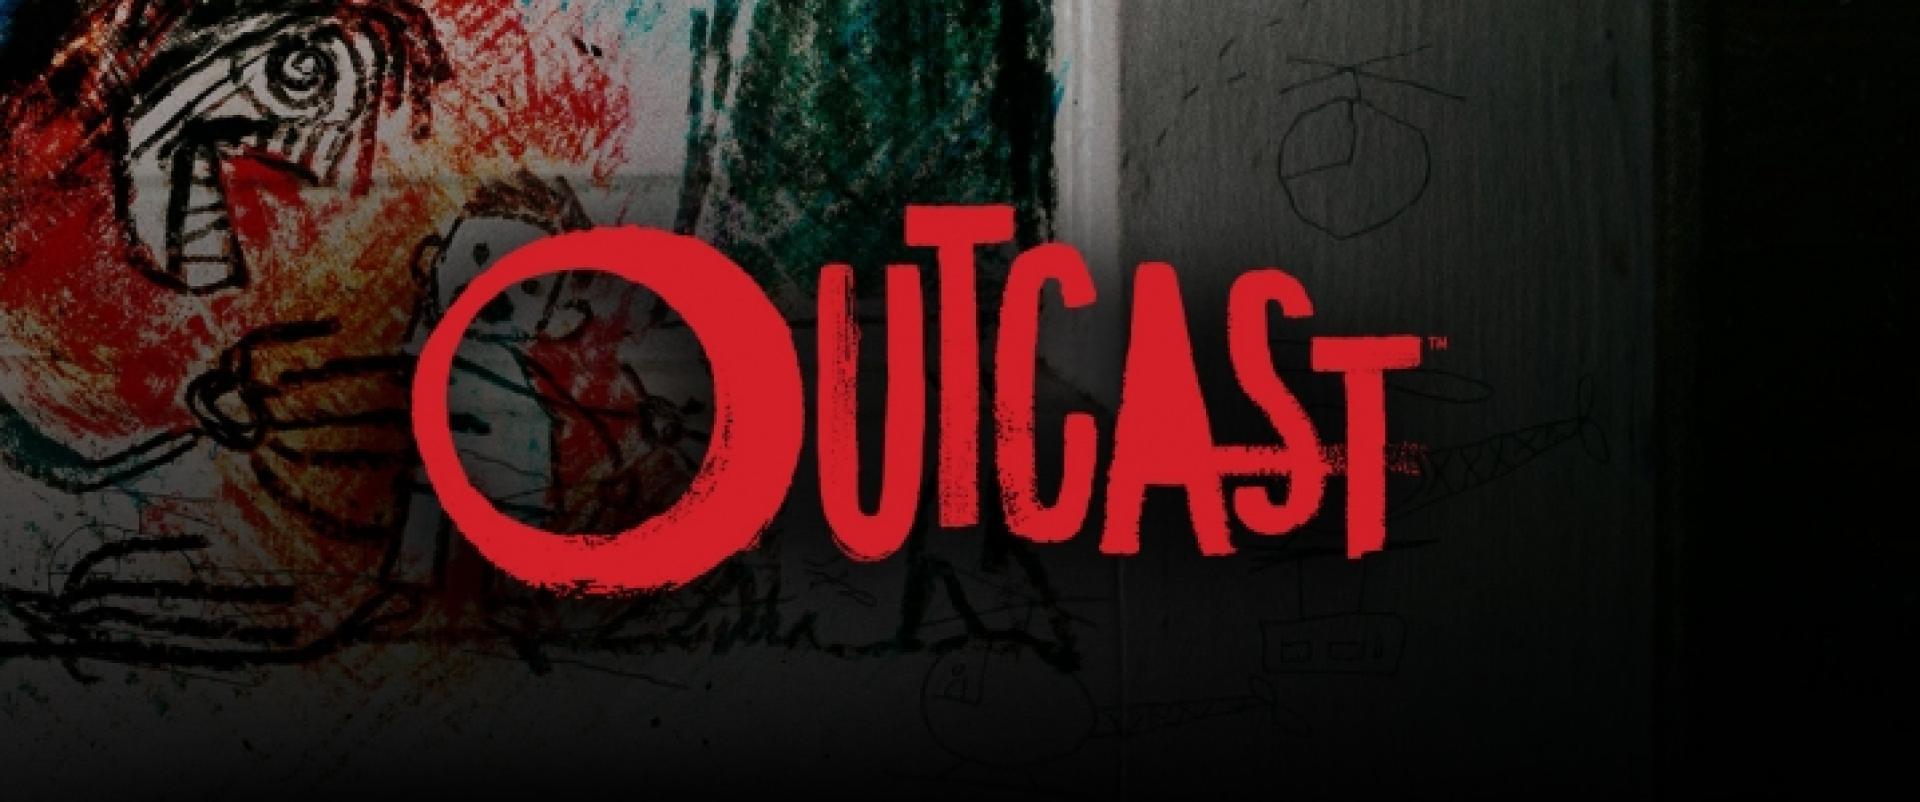 Outcast 1x10